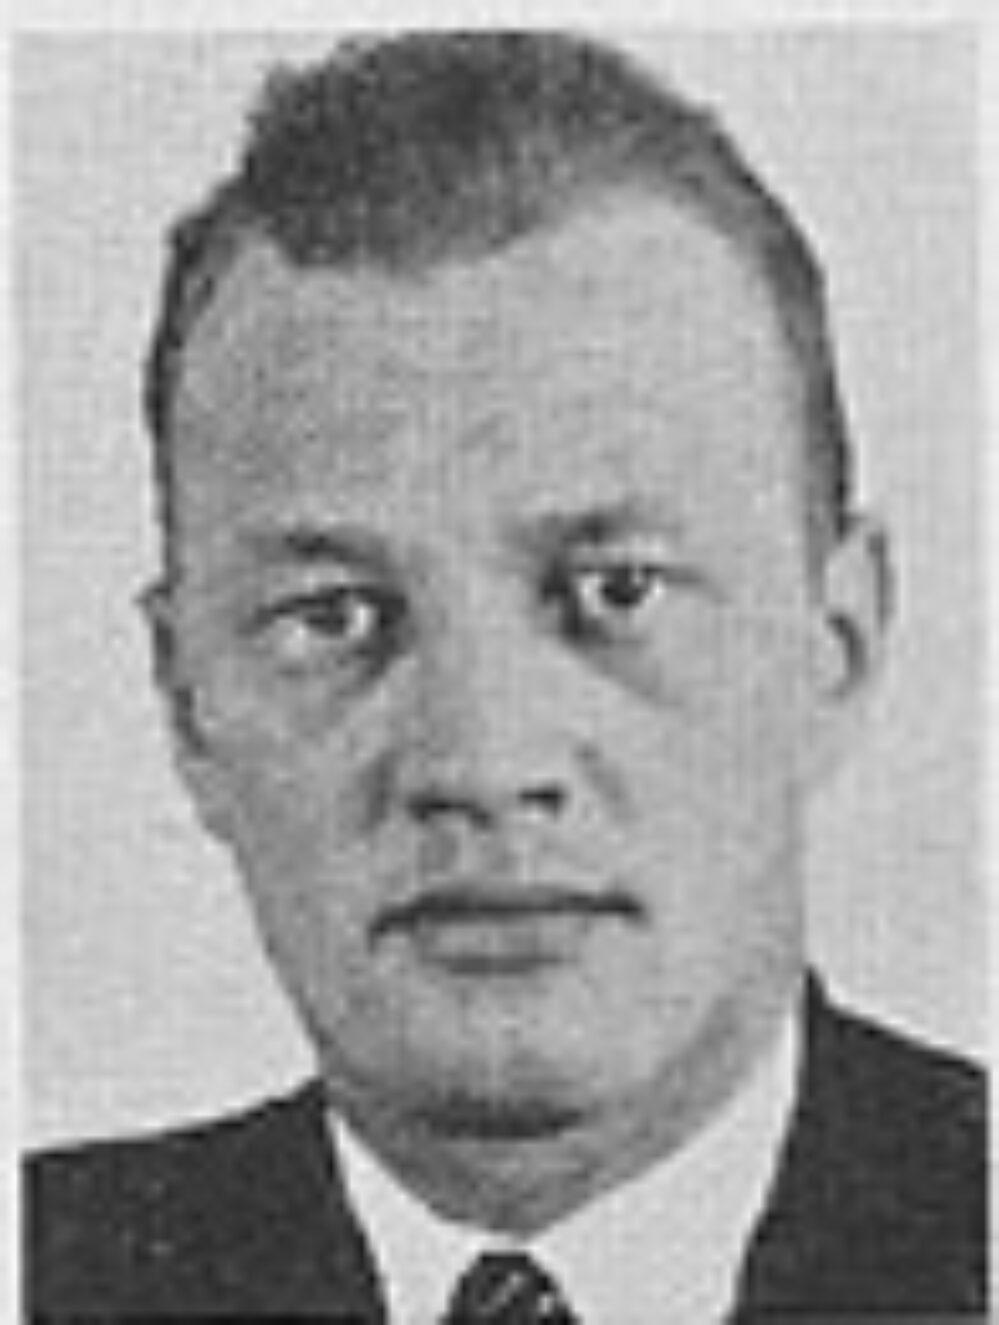 Harald Nikolai Olsen